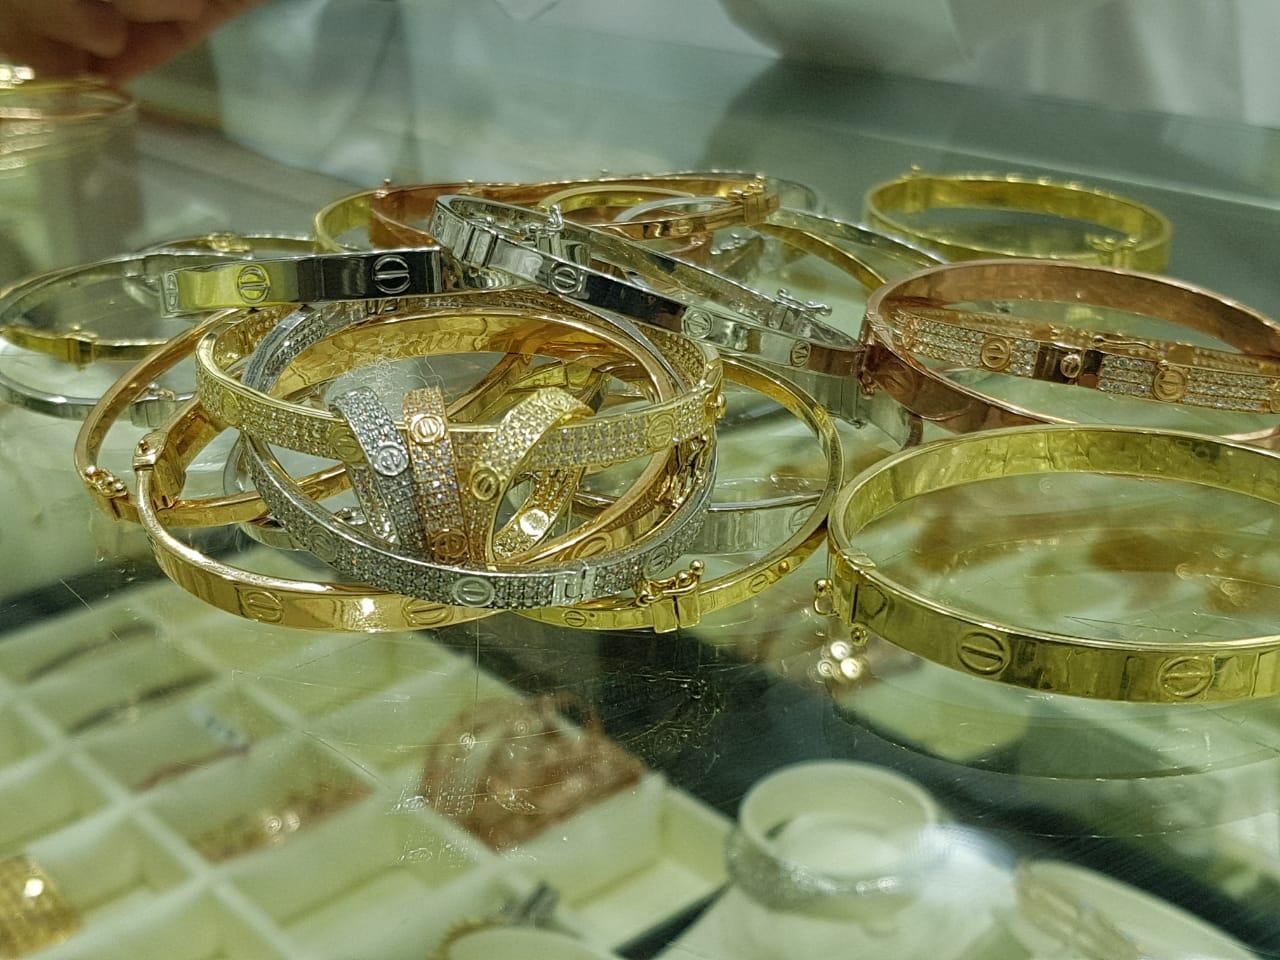 بالصور: مجوهرات بالرياض مقلدة لماركة a7ac9ee0-076a-49de-9